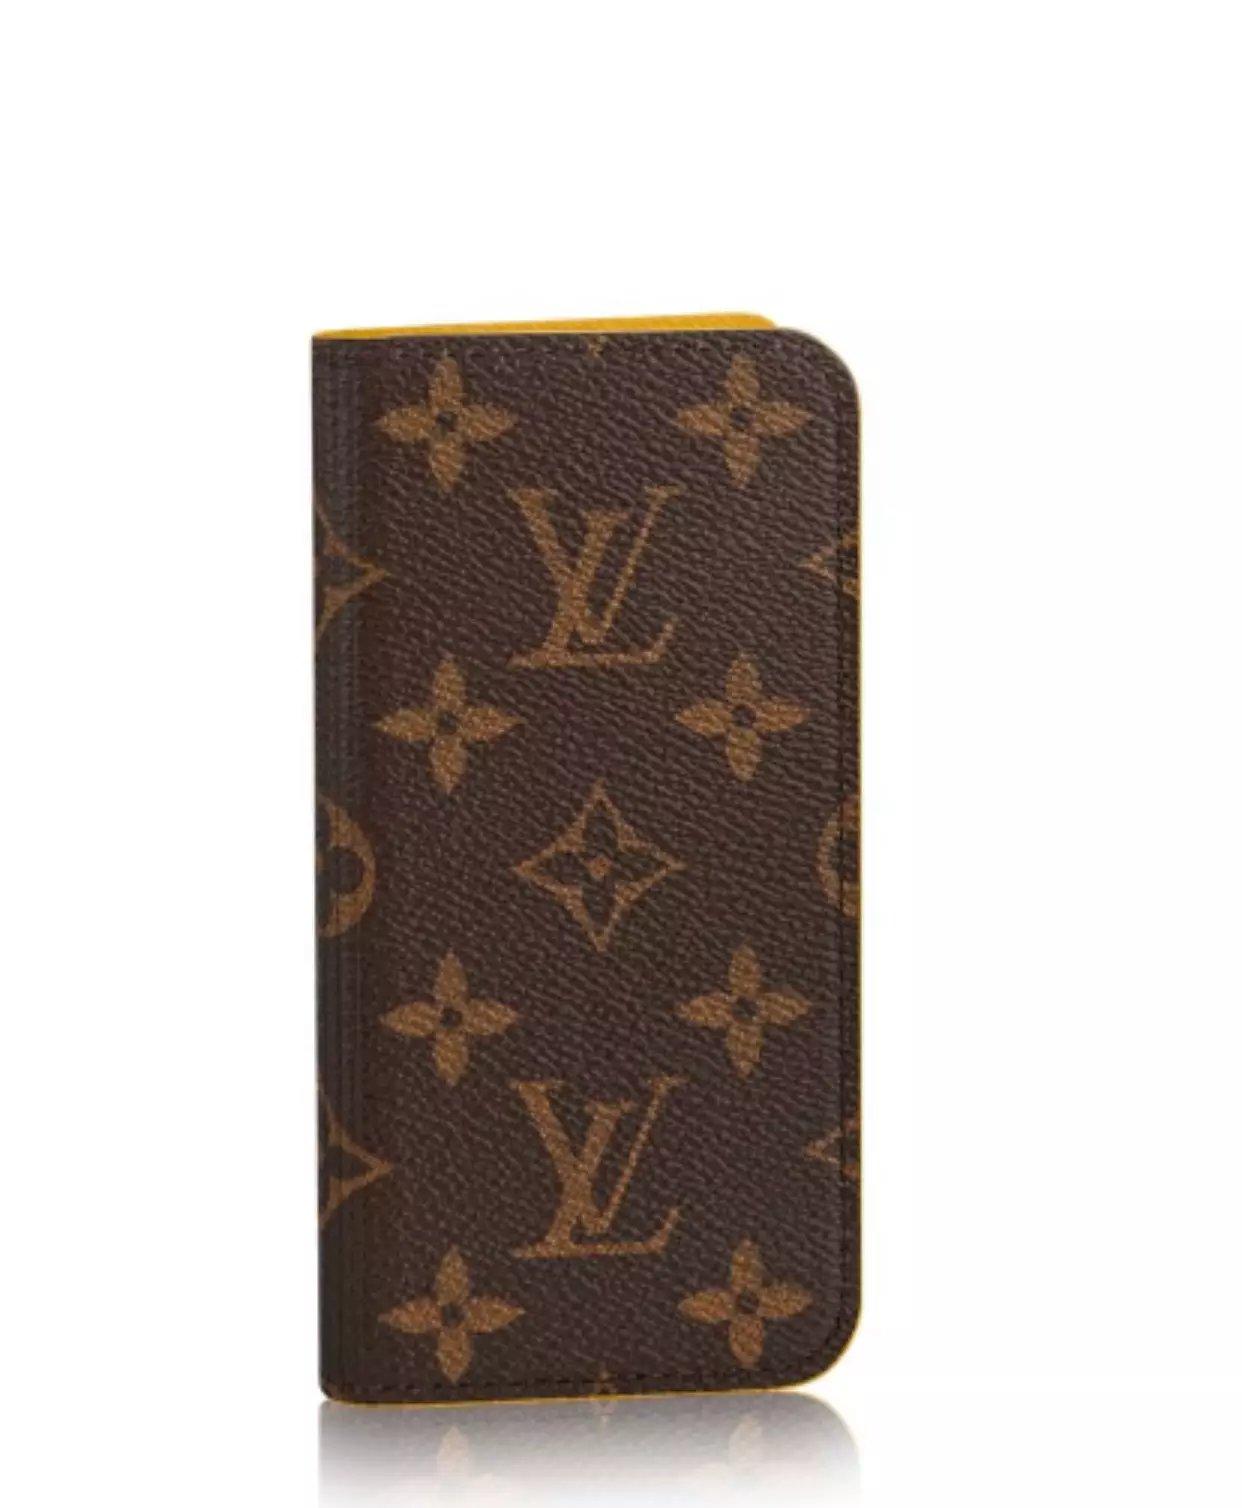 schutzhülle für iphone iphone hülle online shop Louis Vuitton iphone6s hülle handy cover mit eigenem foto iphone hülle hamburg preis vom iphone 6 lederetui iphone 6s iphone 6s arbon ca6s handyhülle leder